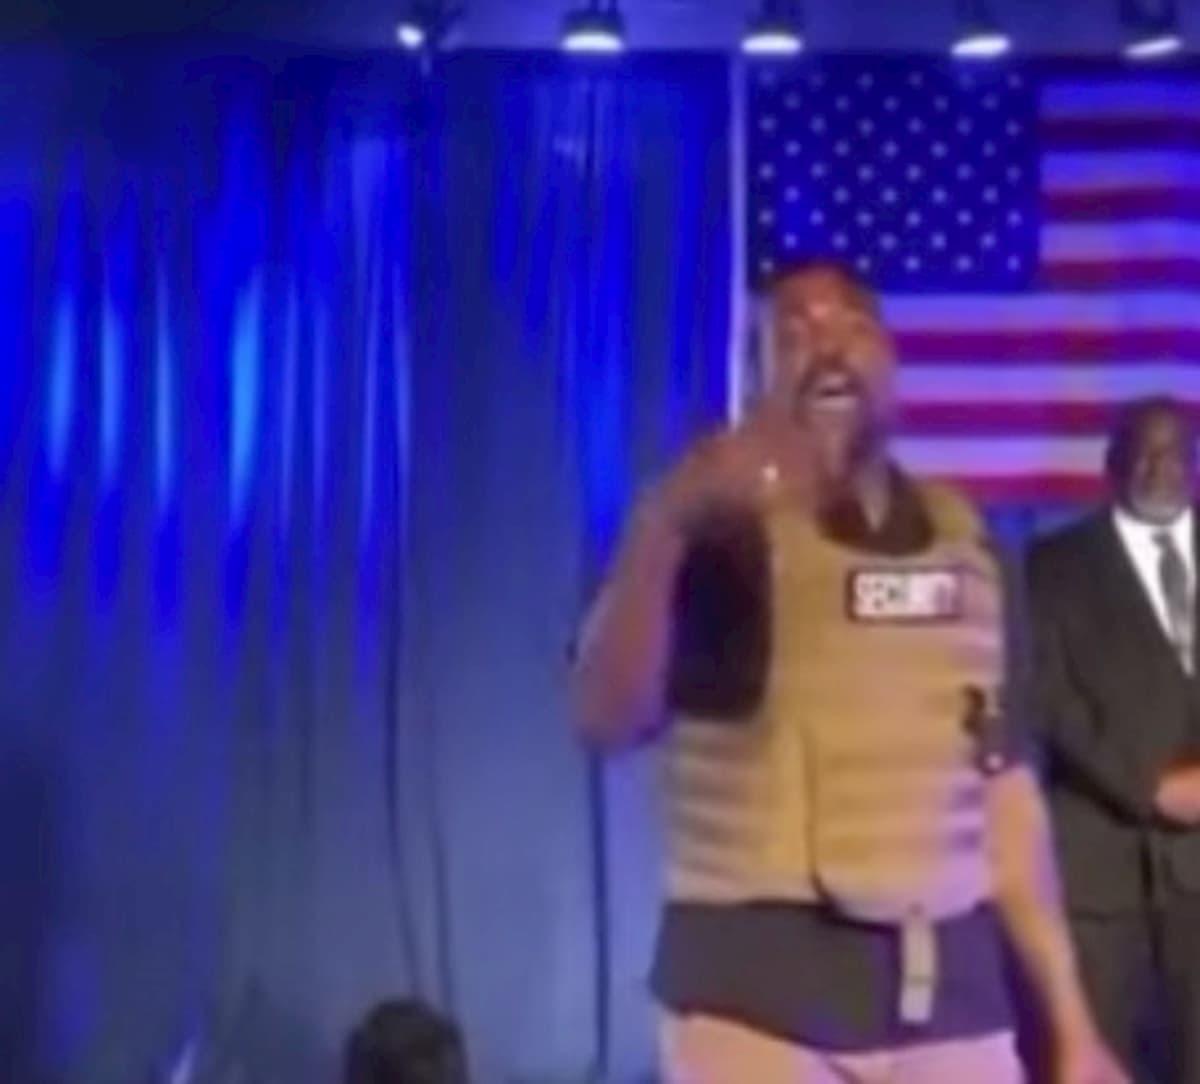 Al primo comizio Kanye West promette un milione di dollari a chi fa un figlio